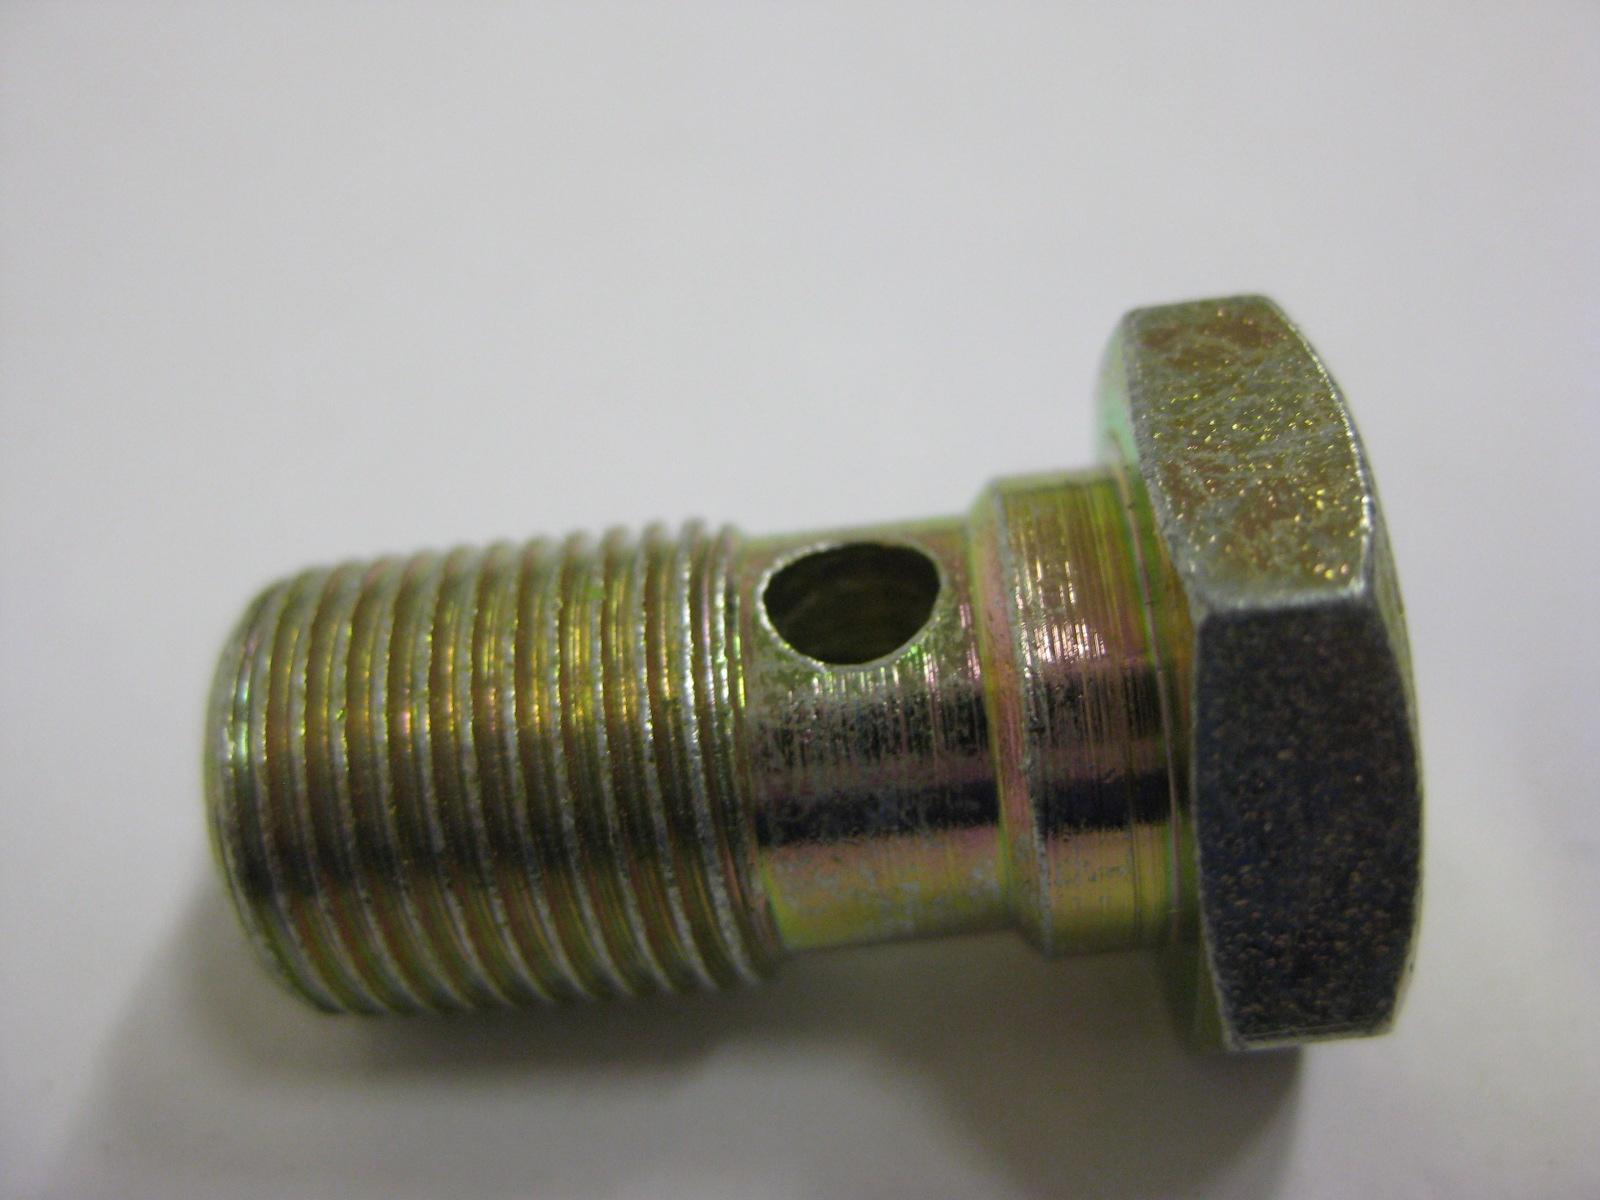 průtokový šroub M12x1 B6-16 Multicar 25